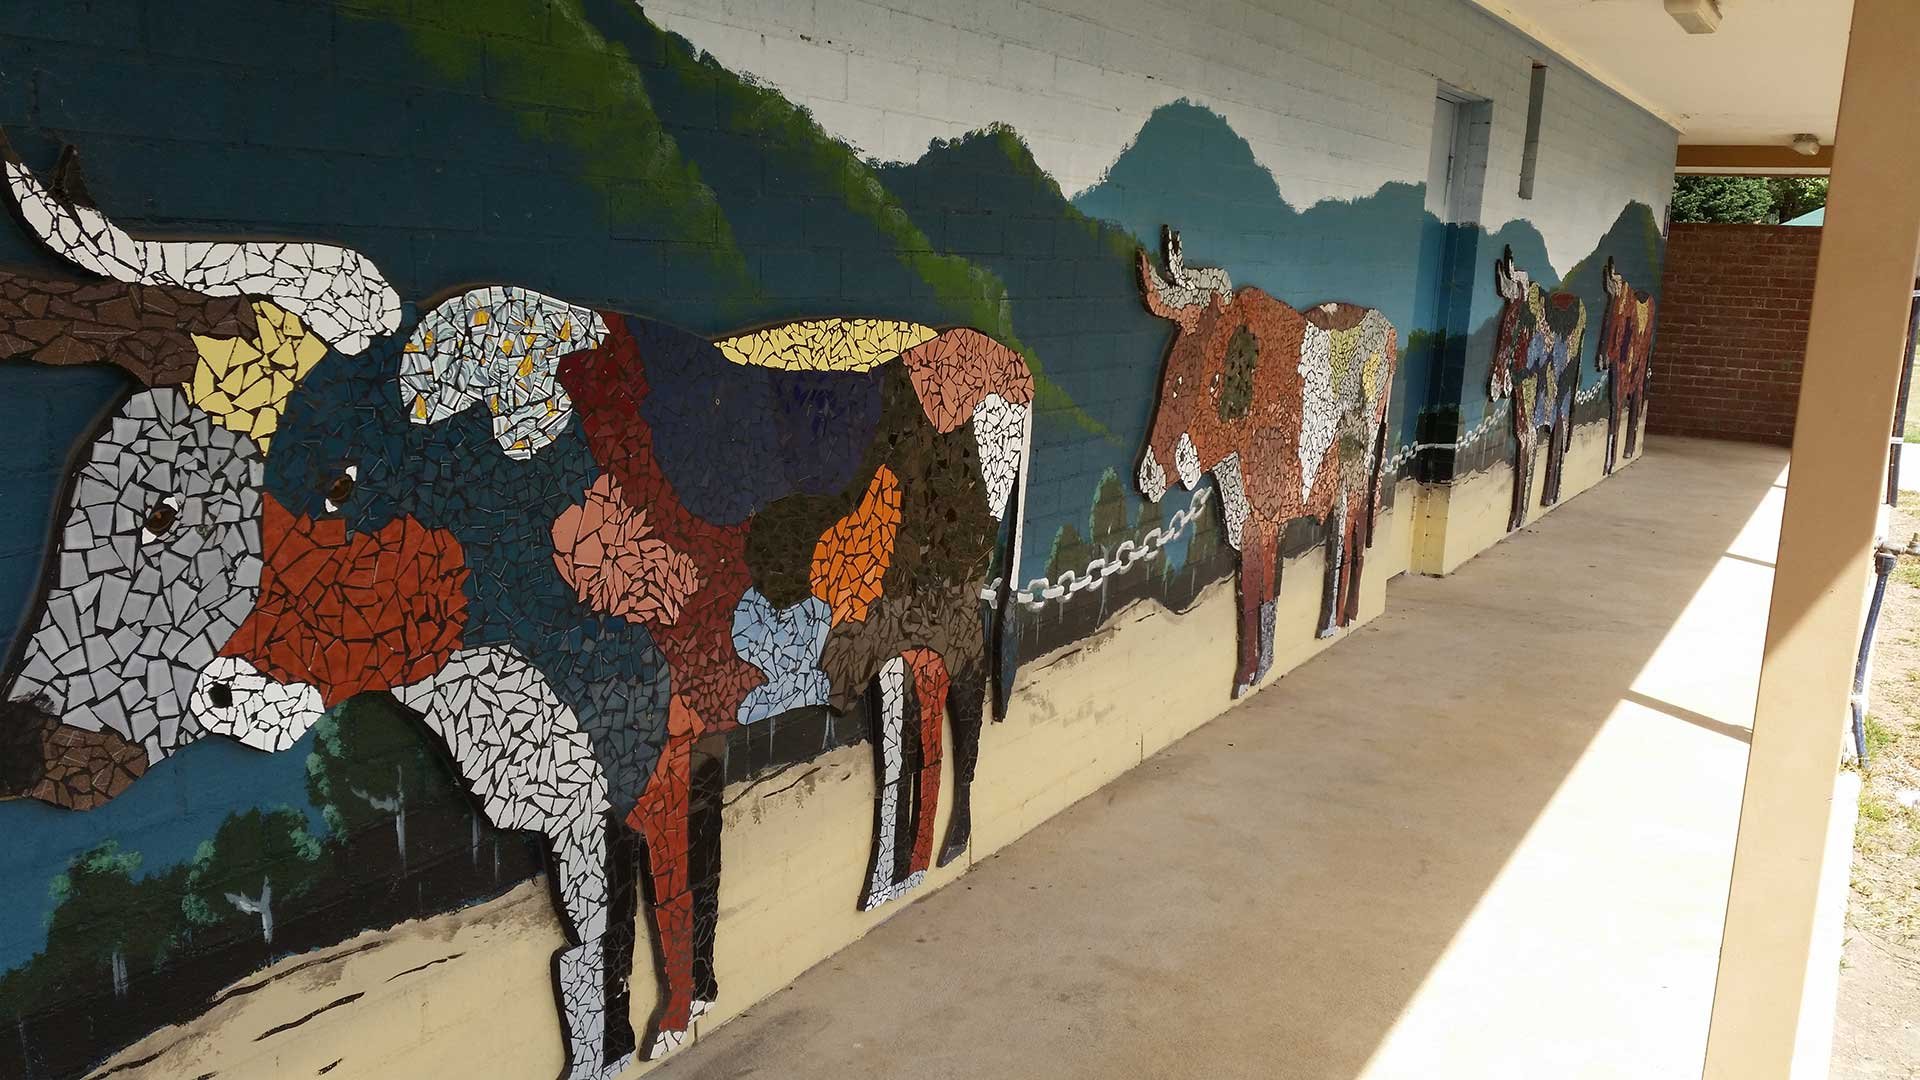 About - Public Toilets - Bullocks Mosaic Mural | Visit Oberon